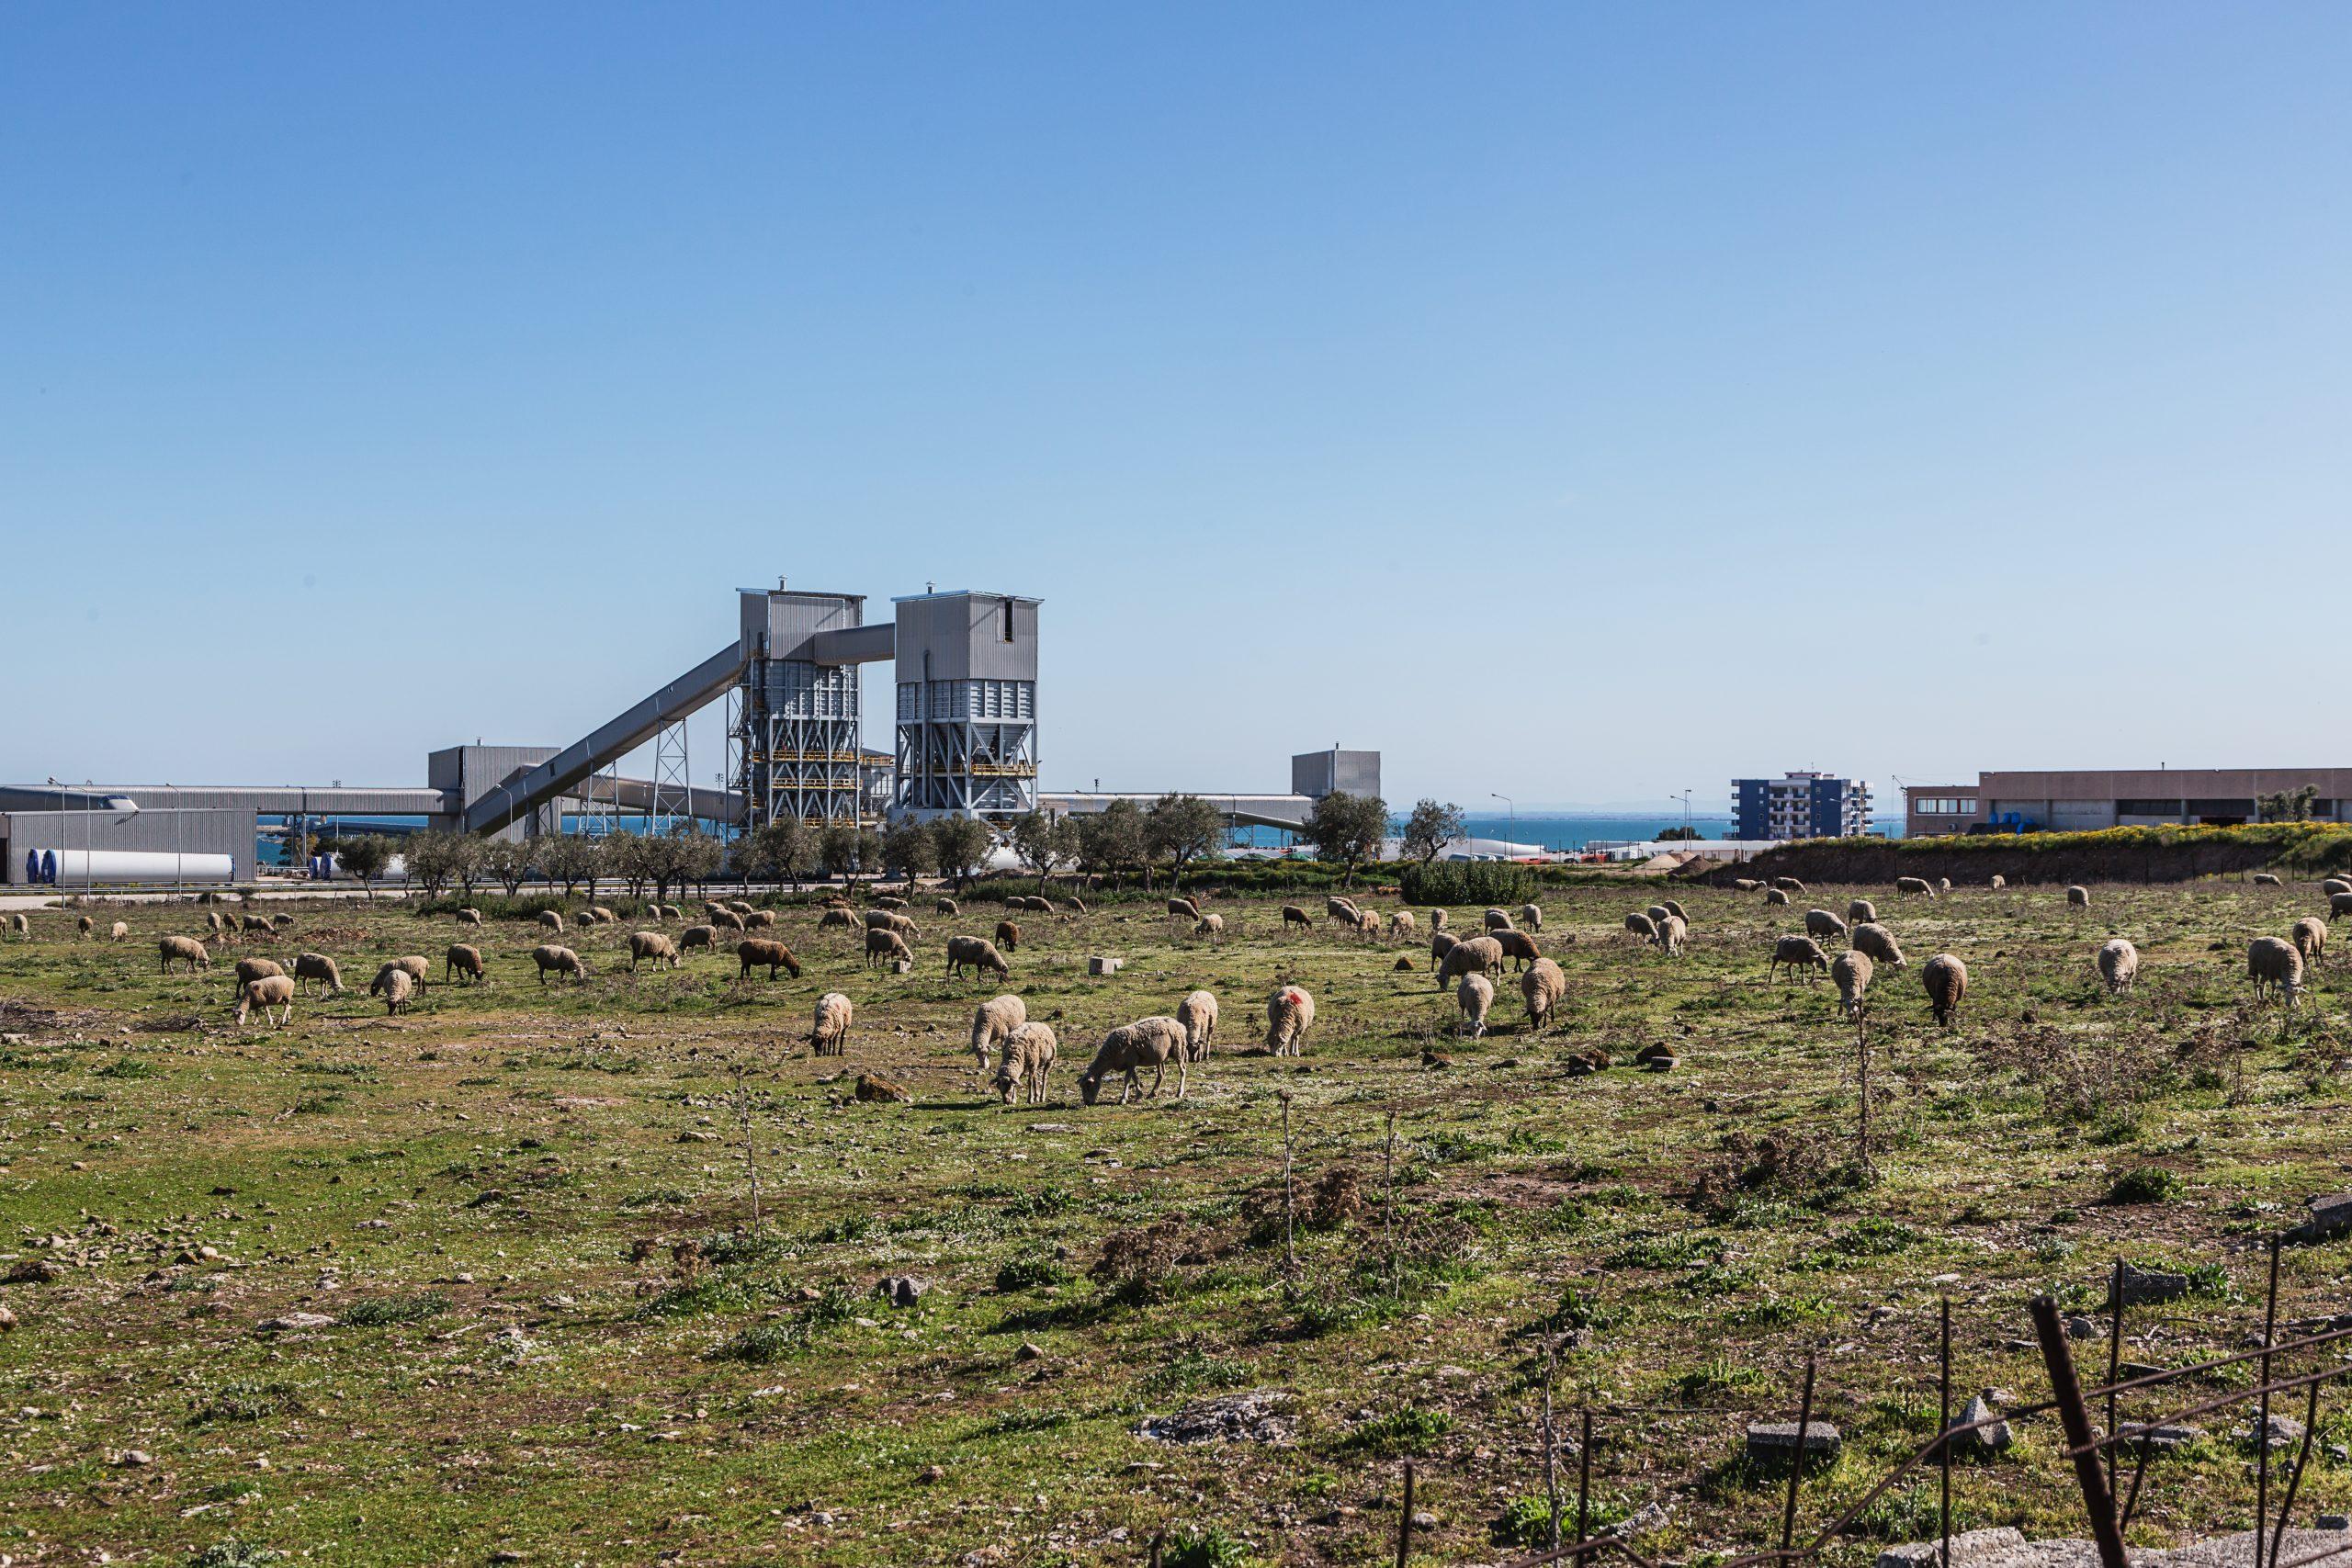 Manfredonia, Contrada Pace - Pecore al pascolo accanto alla zona industriale